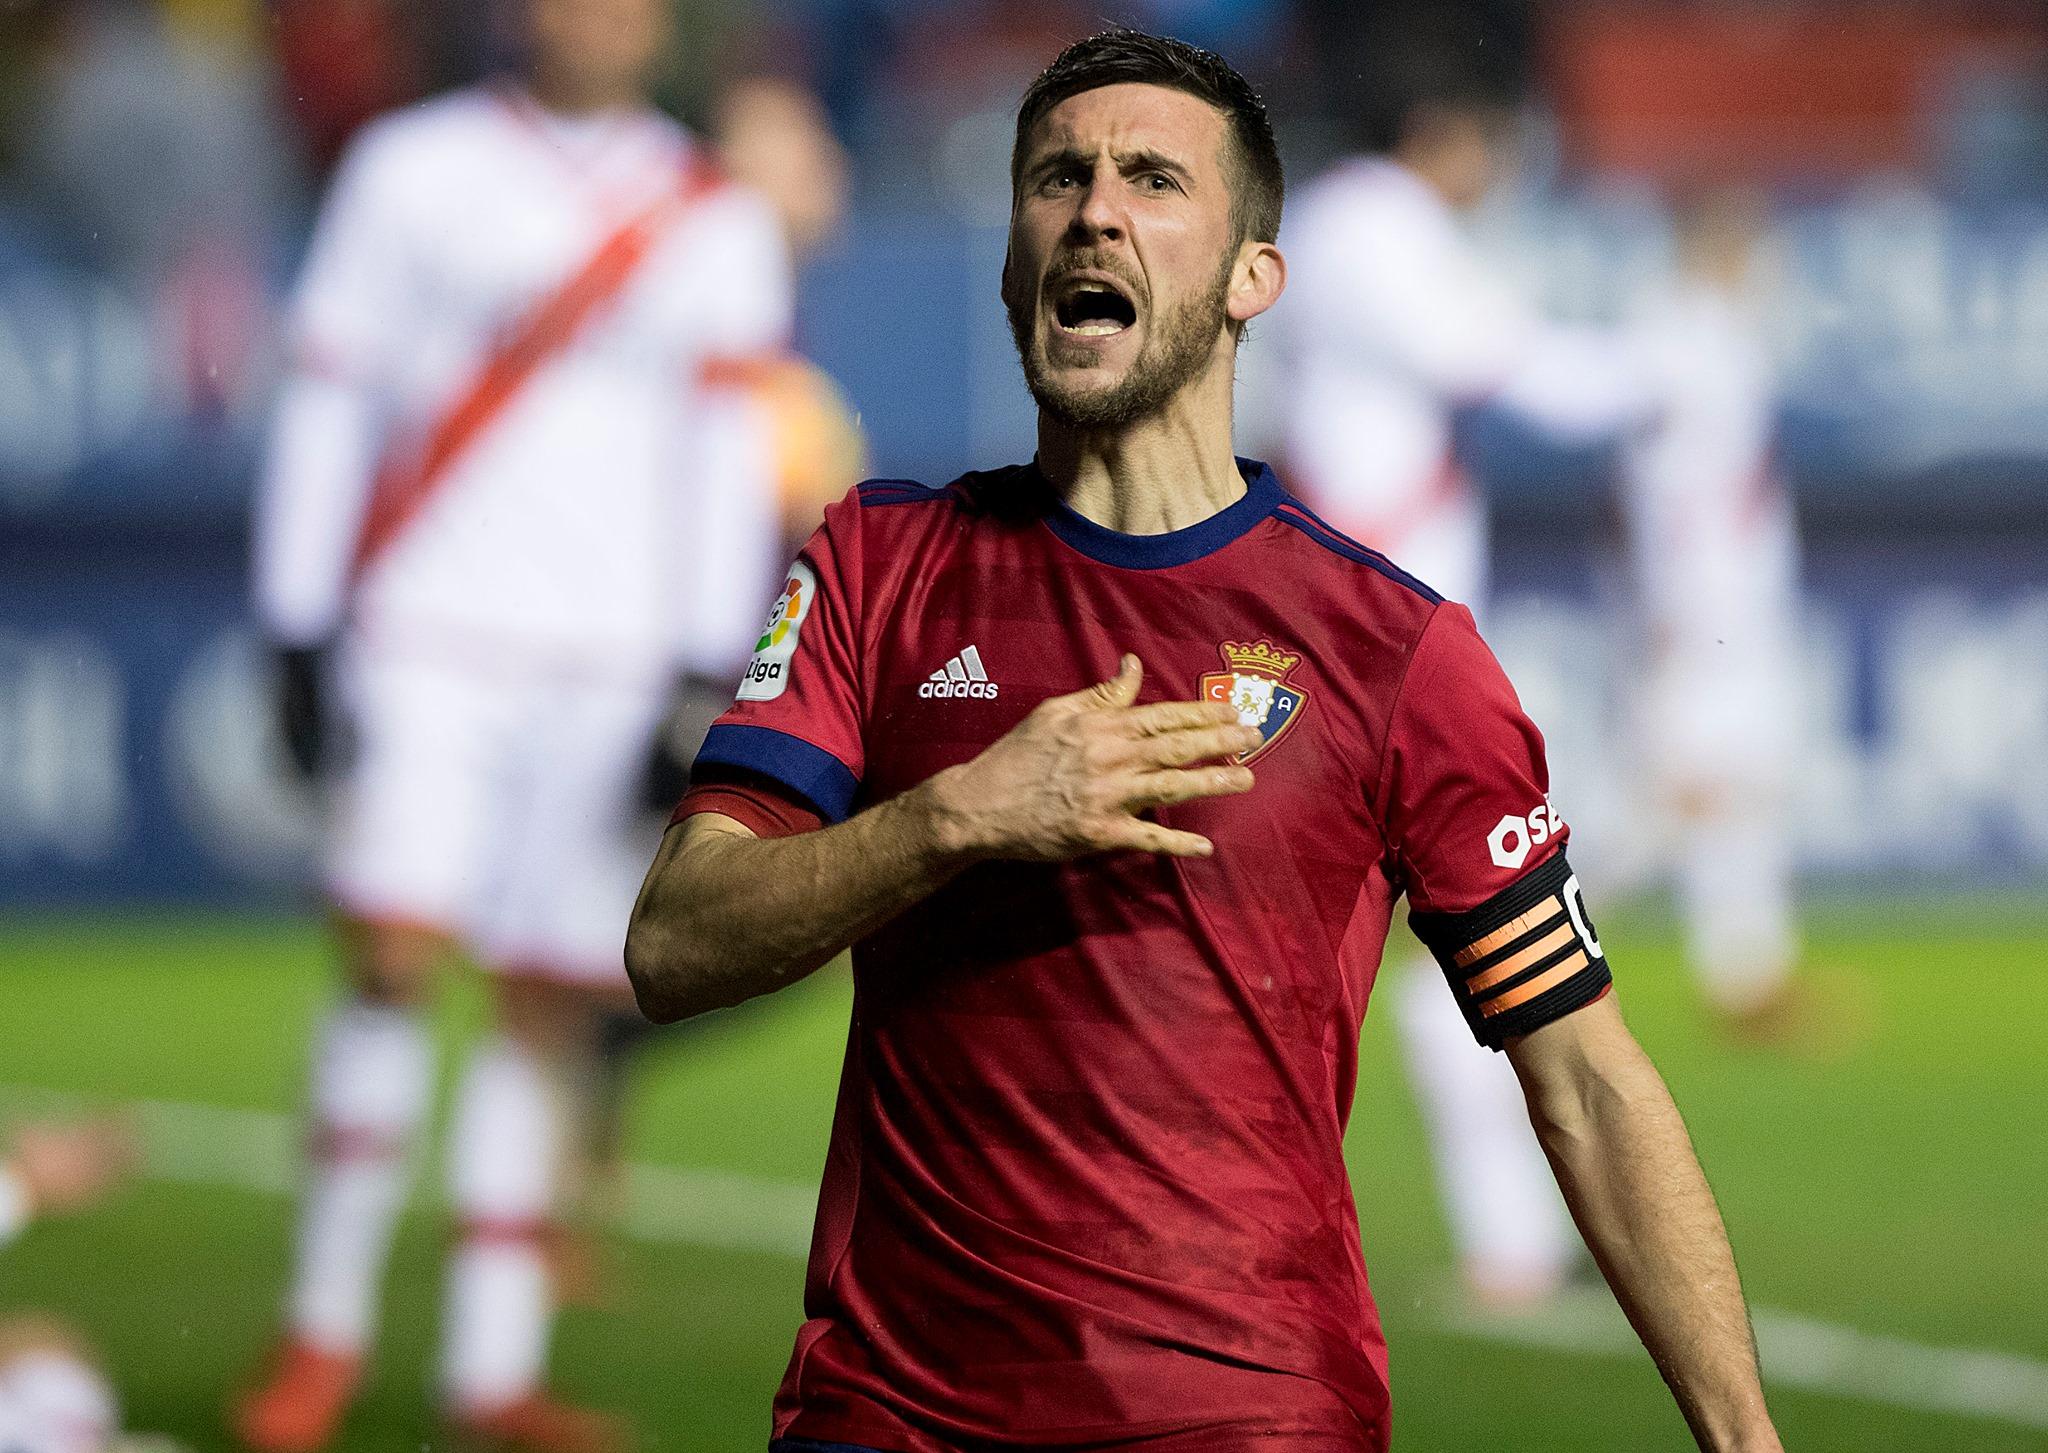 Copa del Rey, Osasuna-Reus Deportiu mercoledì 12 settembre: analisi e pronostico dei 64esimi di finale della manifestazione